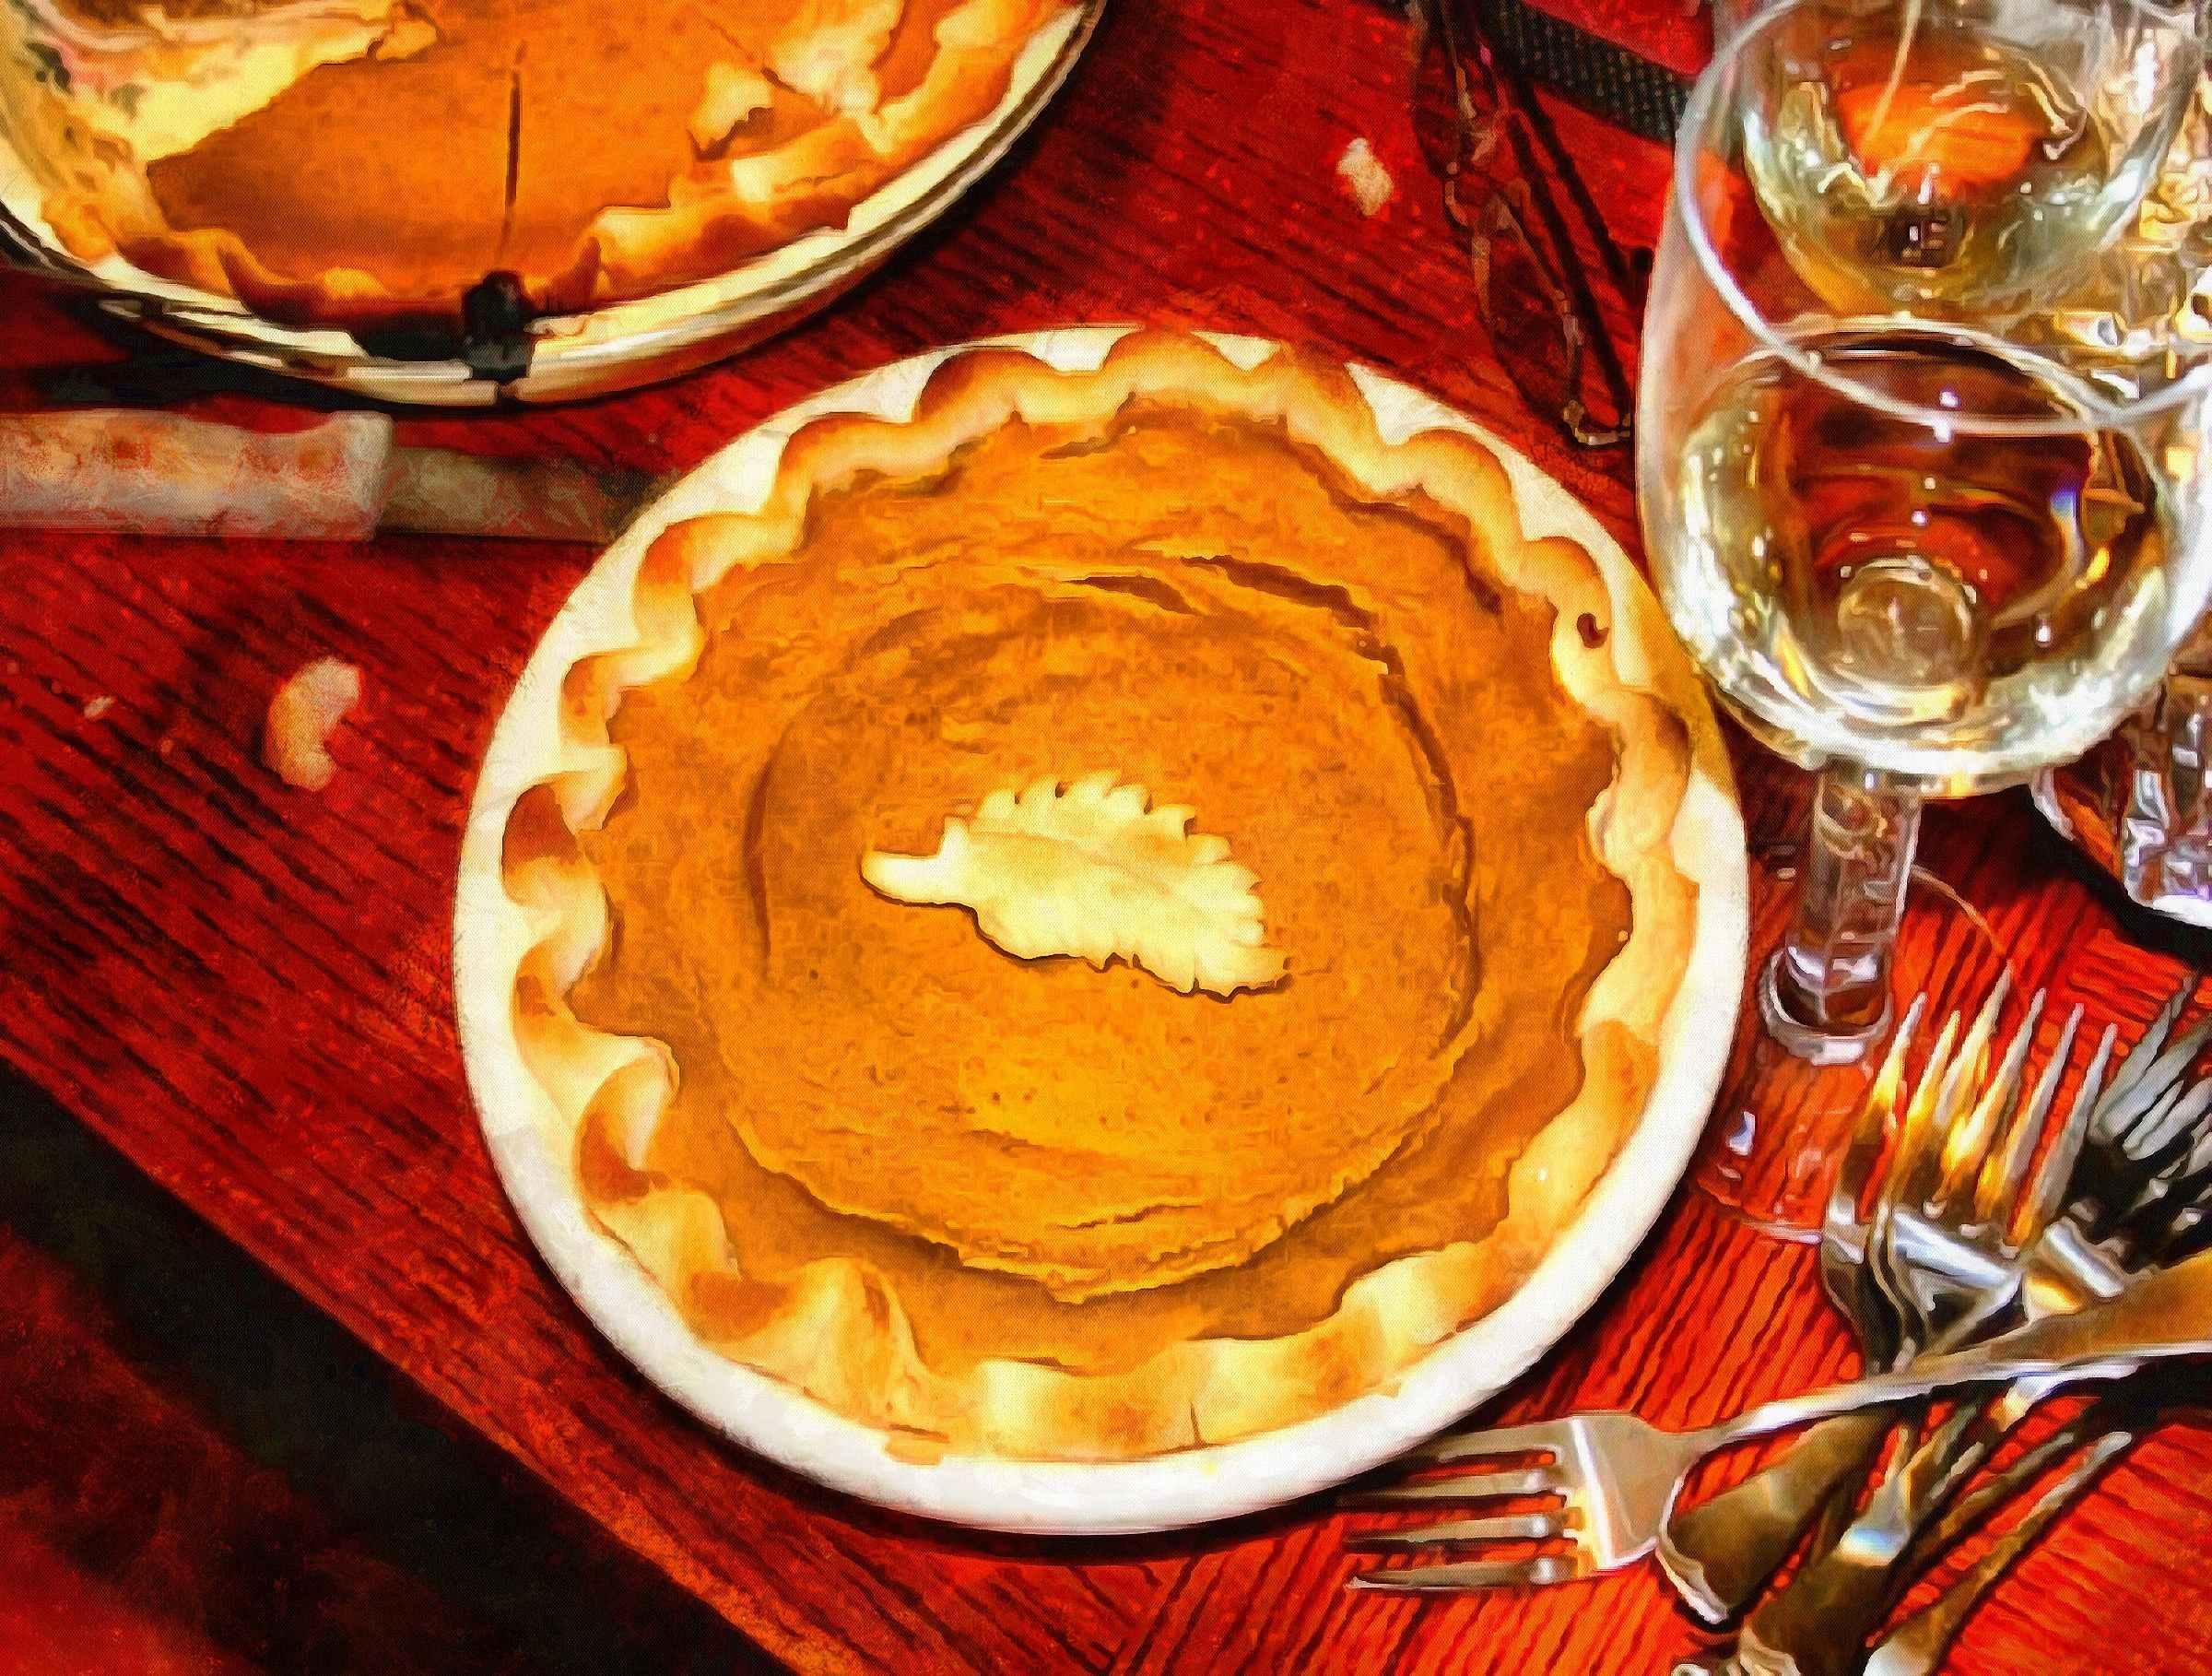 <br>cake, birthday cake, apple pie, utensils, forks, glasses,